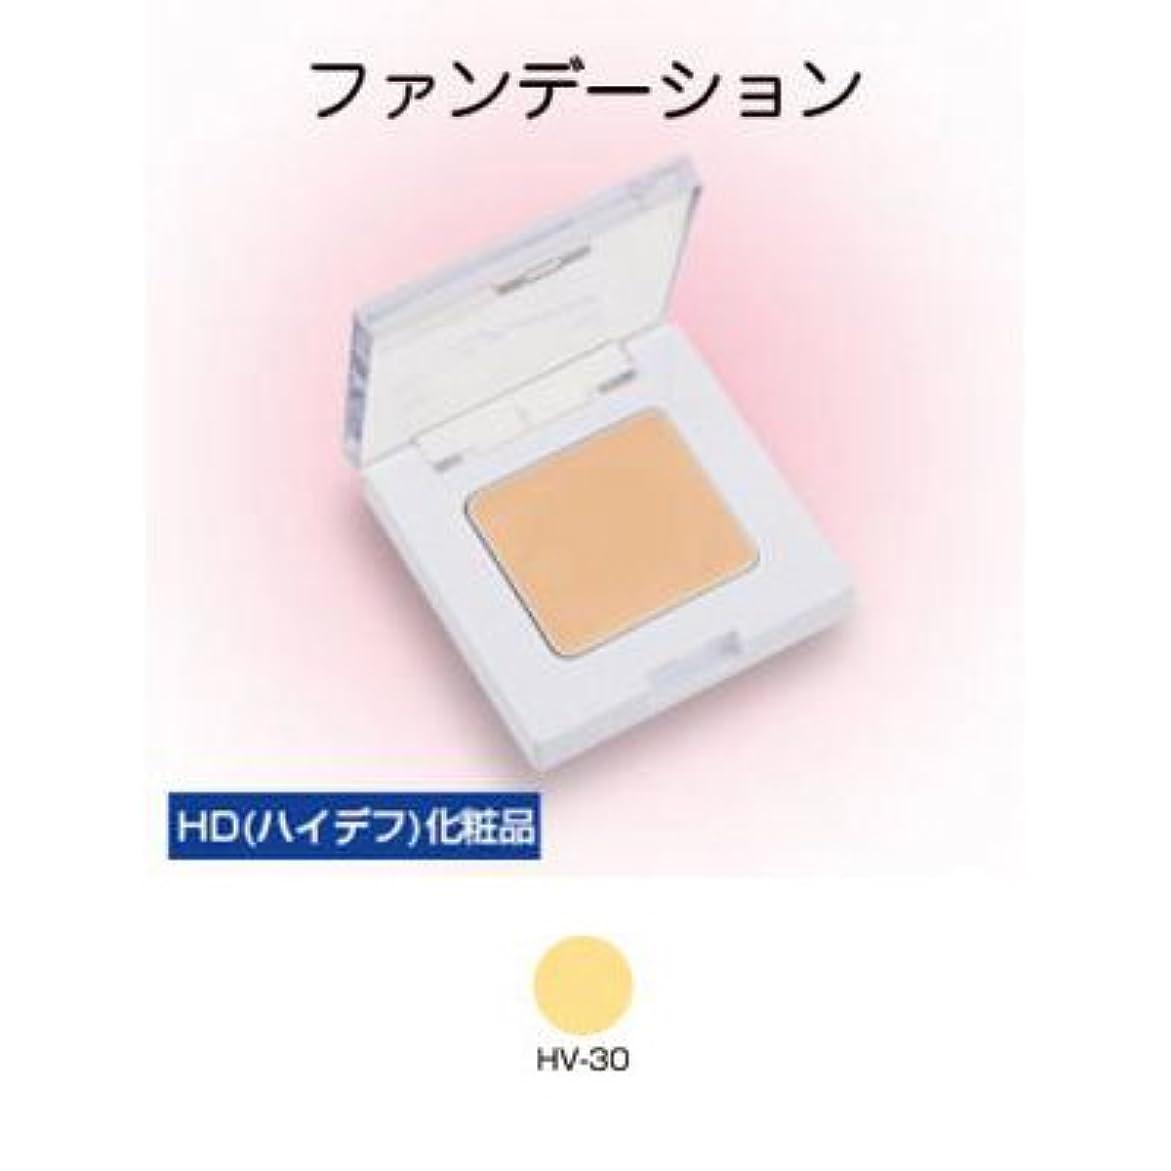 うれしい腫瘍滴下シャレナ カバーファンデーション ミニ HV-30 【三善】